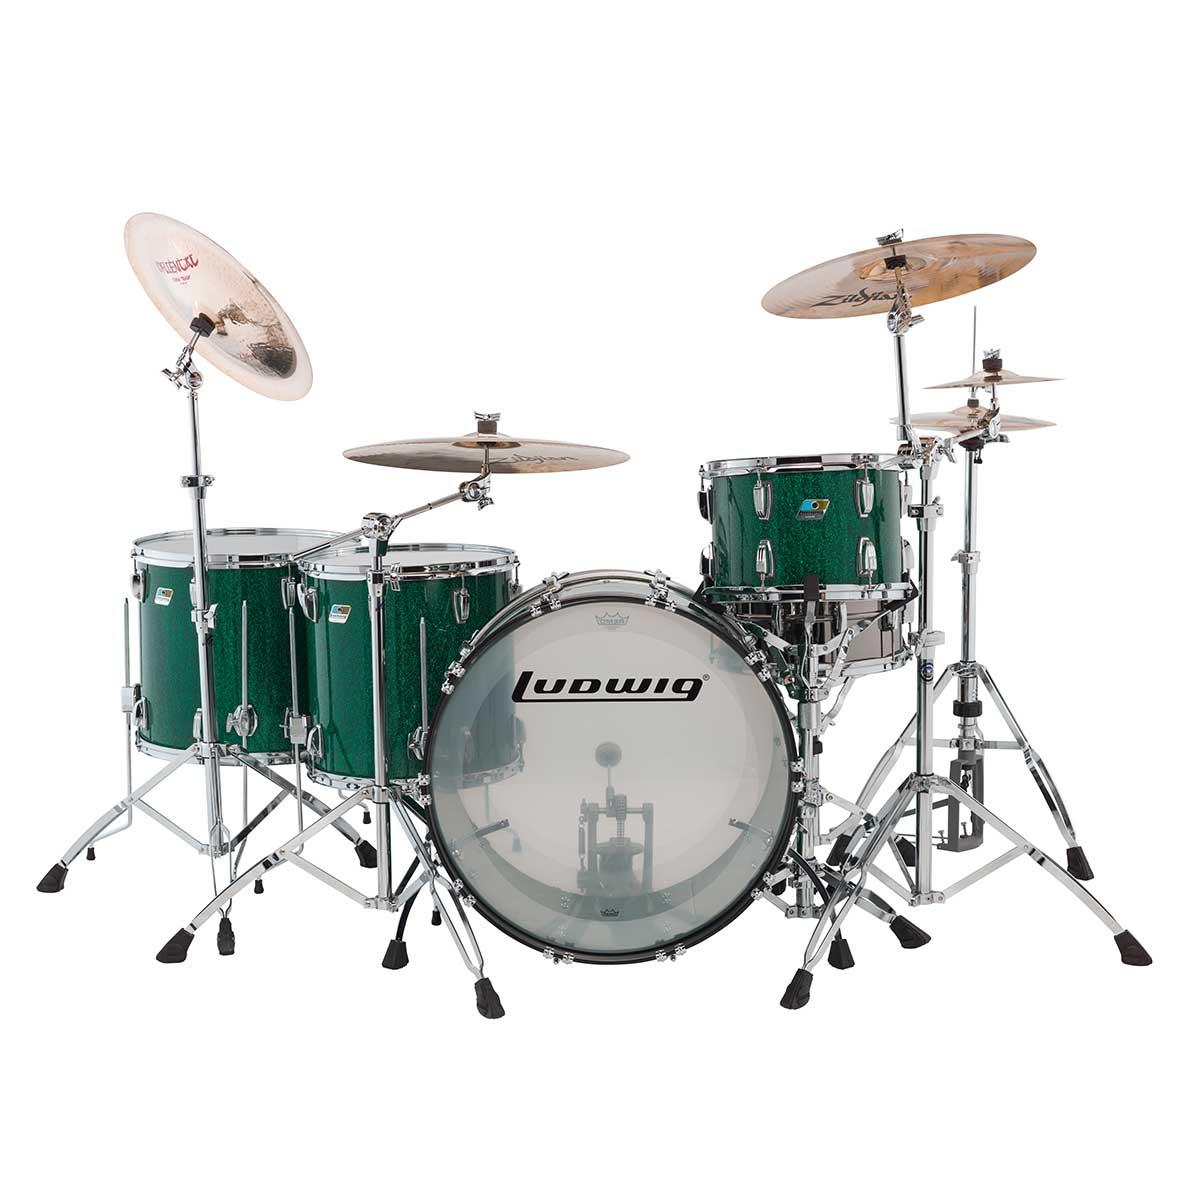 Ludwig Vista Lite Drums : ludwig 45th anniversary vistalite green sparkle ebay ~ Vivirlamusica.com Haus und Dekorationen